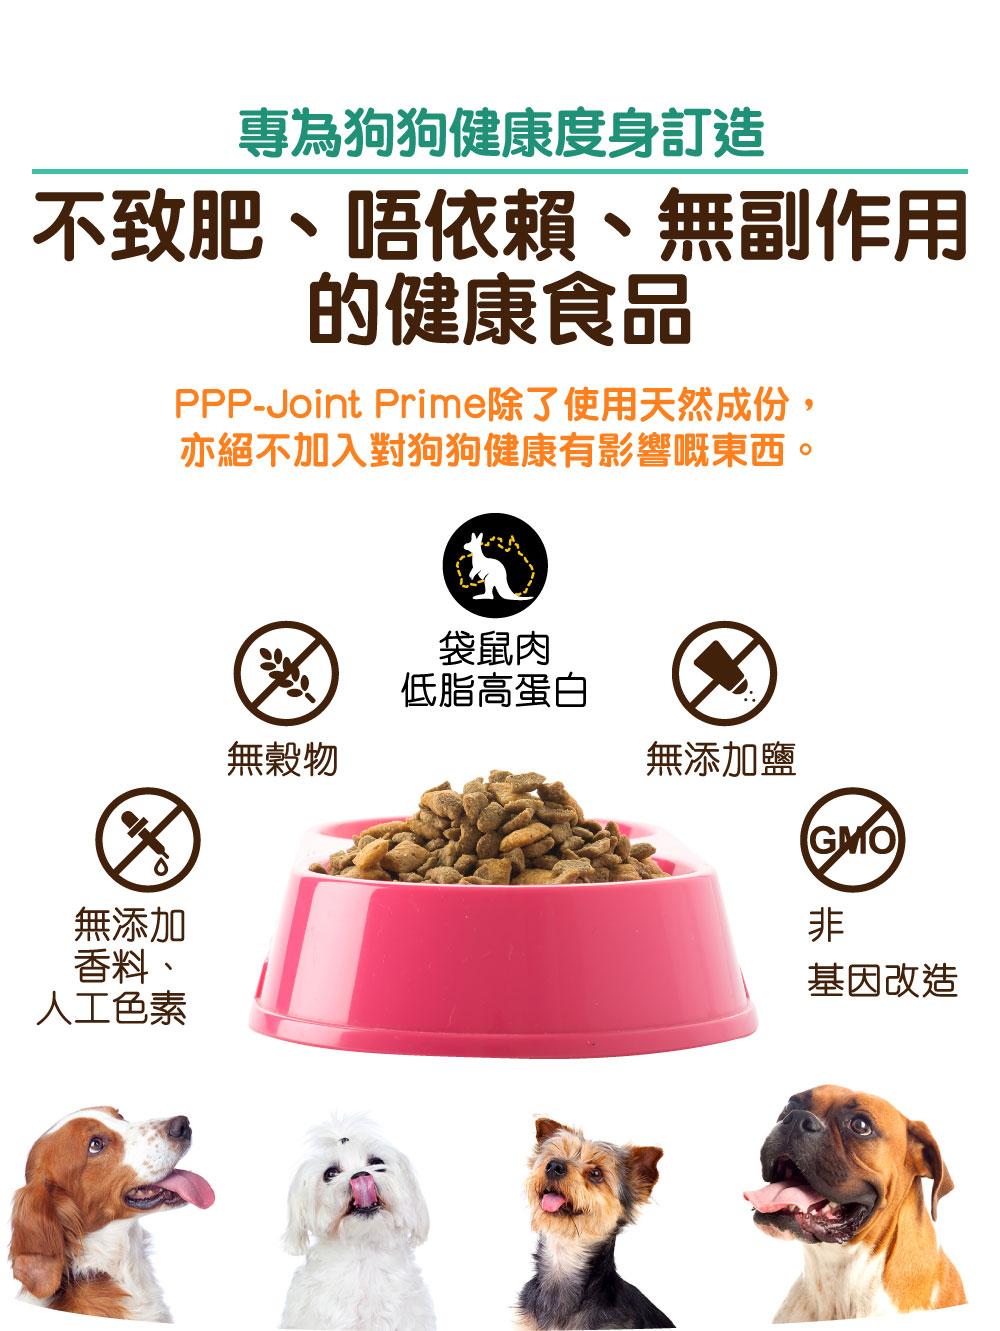 Pet Pet Premier, Joint Prime, Health Prime, 狗狗神仙粉, 关节神仙粉, 狗保健品